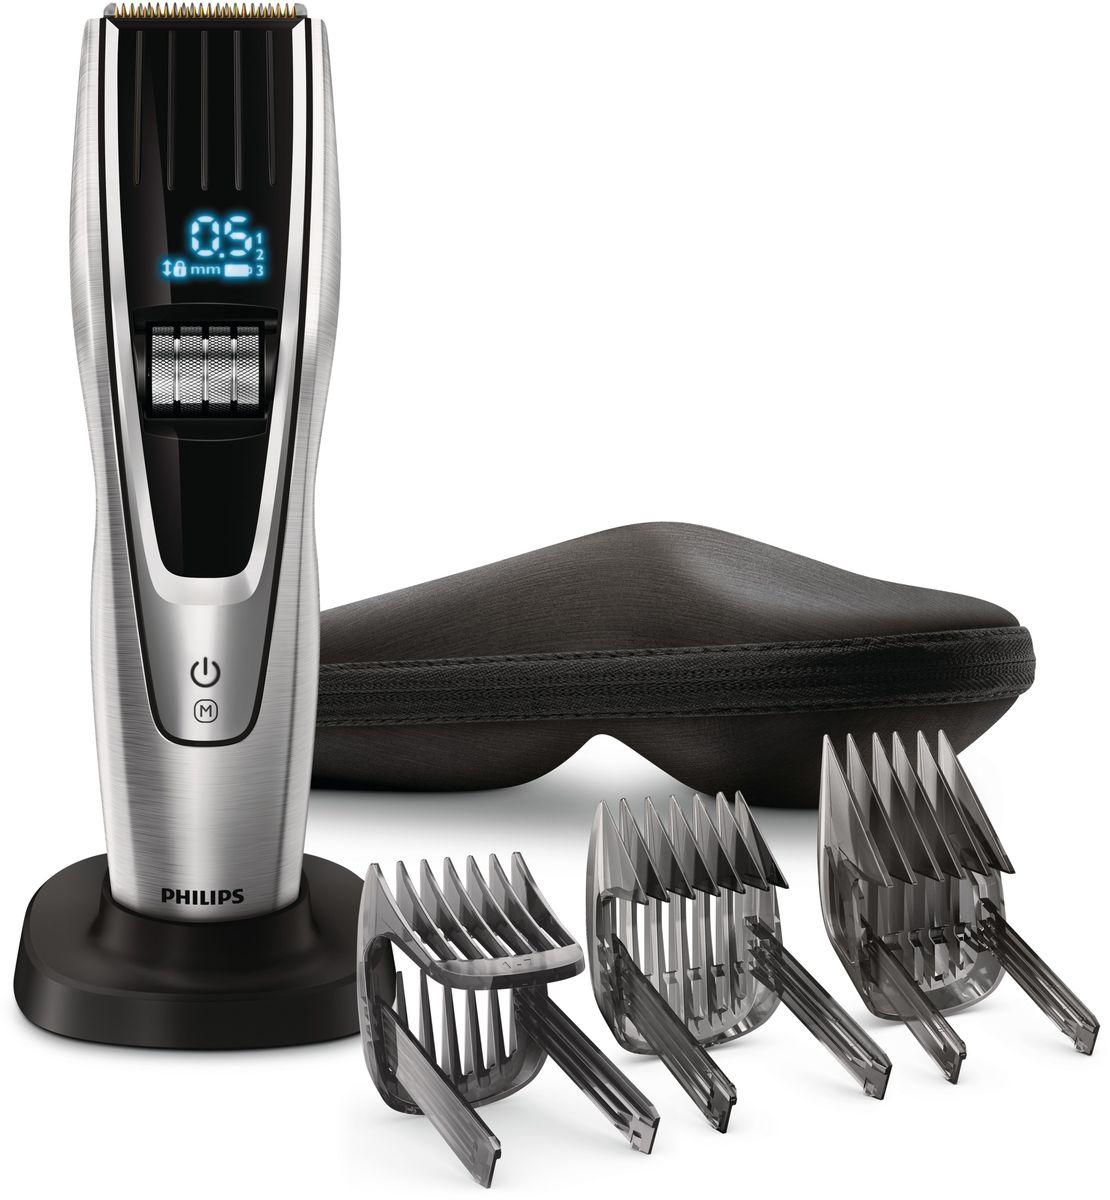 Philips HC9490/15 беспроводная машинка для стрижки волос с 400 установками длины - Машинки для стрижки